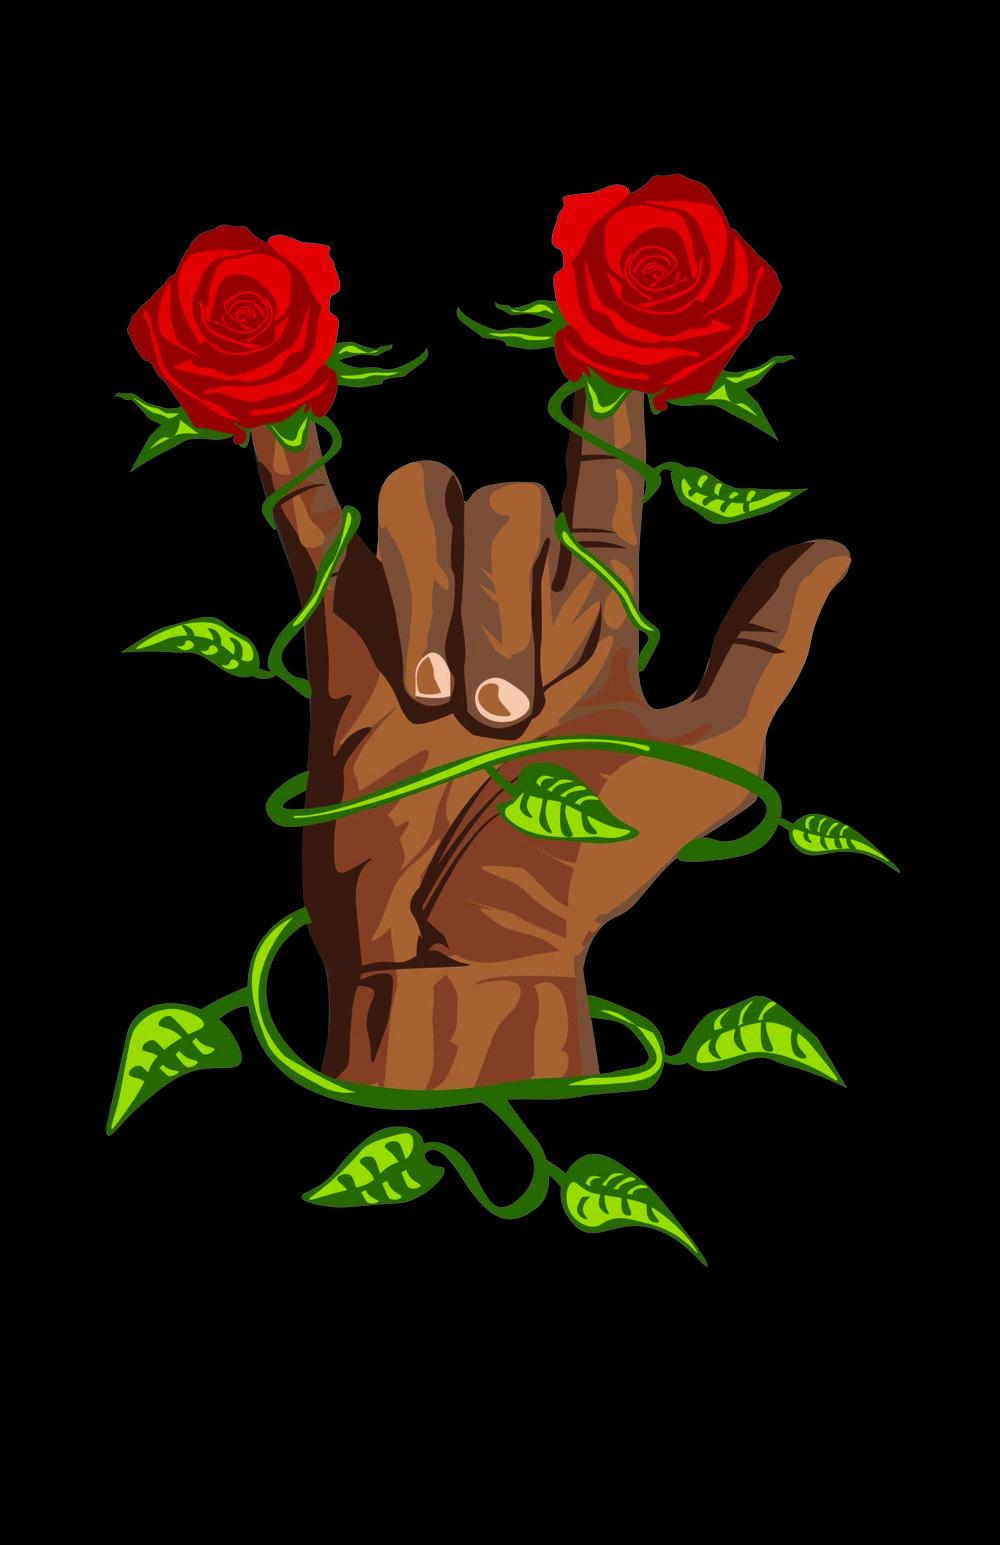 roses_v2-01.jpg